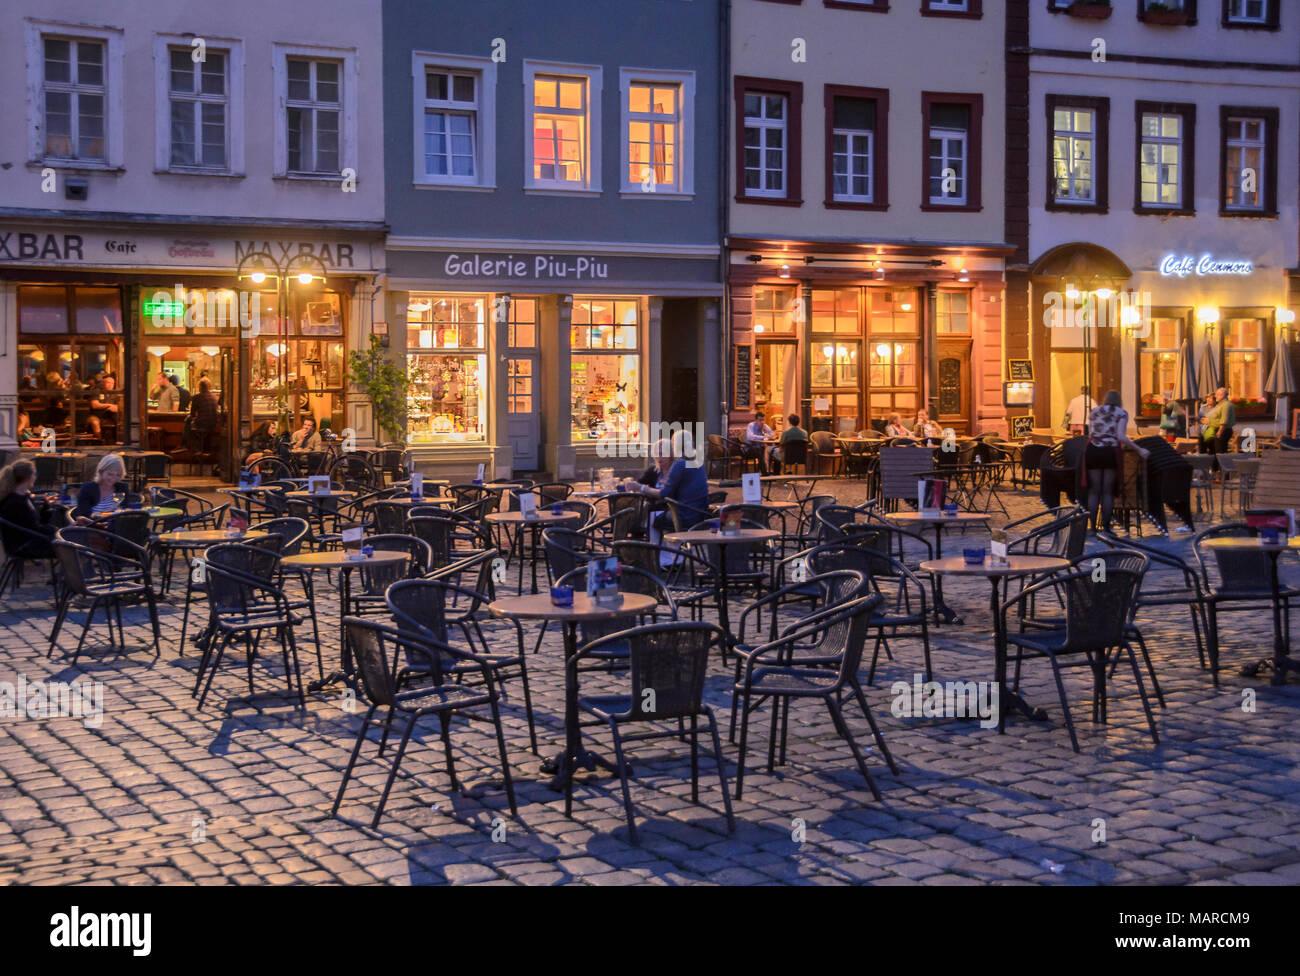 Marktplatz, Heidelberg, Baden-Württemberg, Deutschland - Stock Image